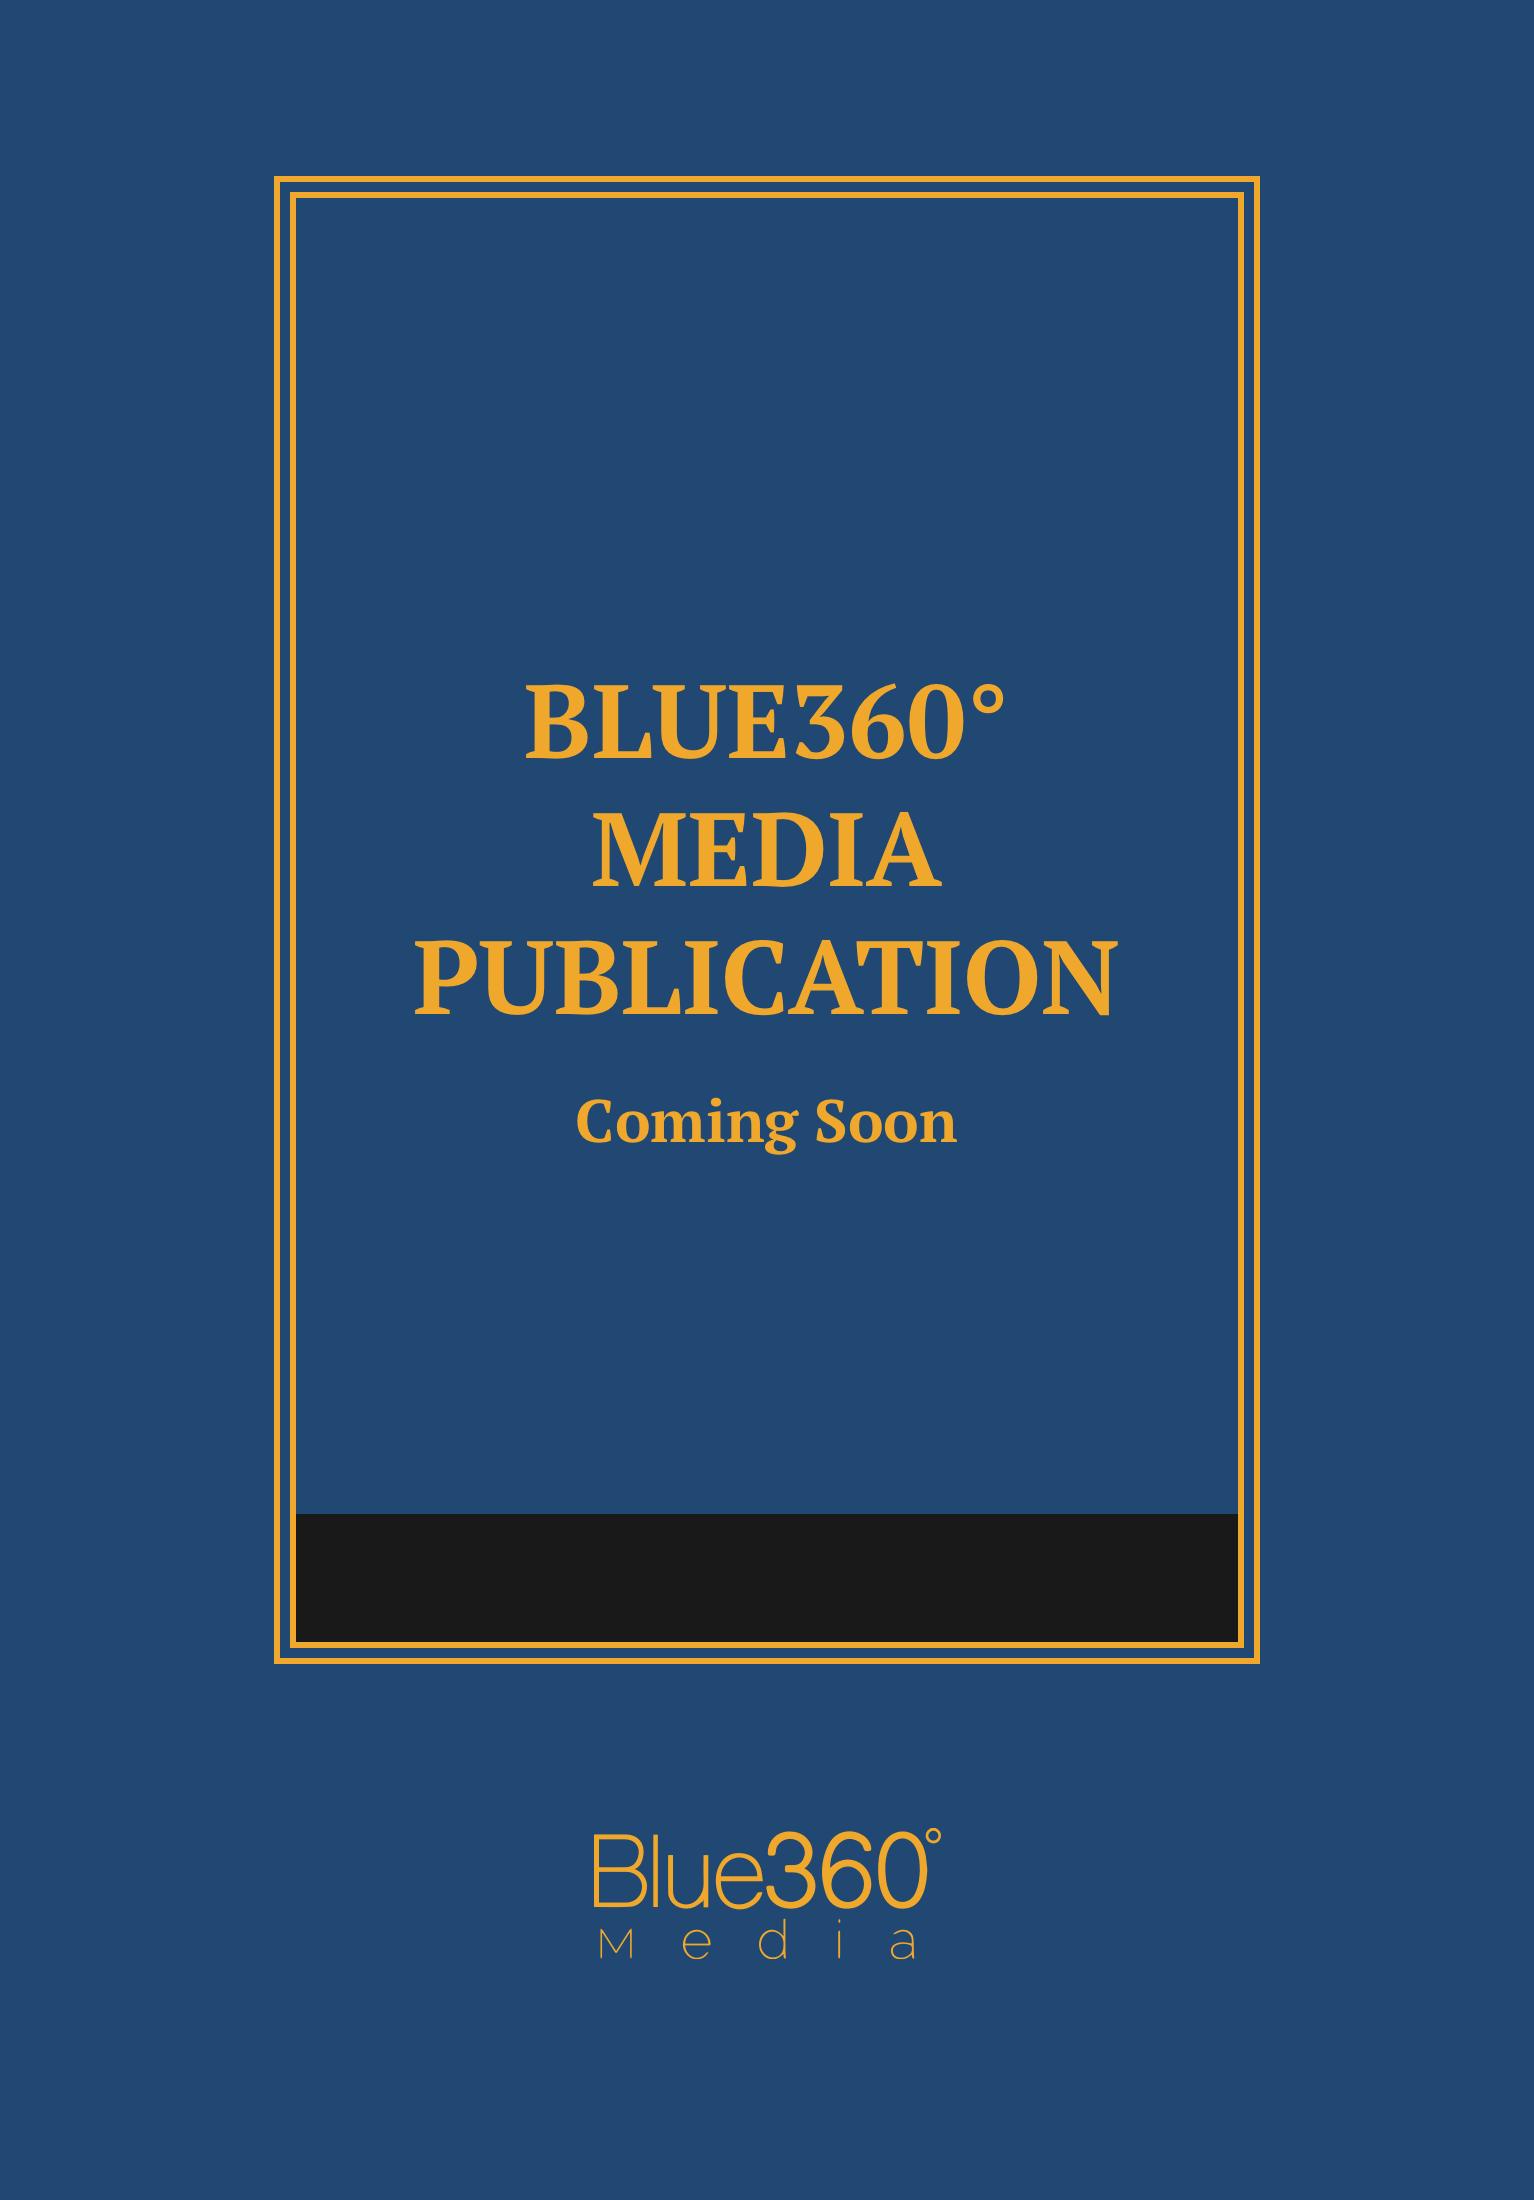 Search & Seizure Survival Guide 2021-2022 Edition - Pre-Order